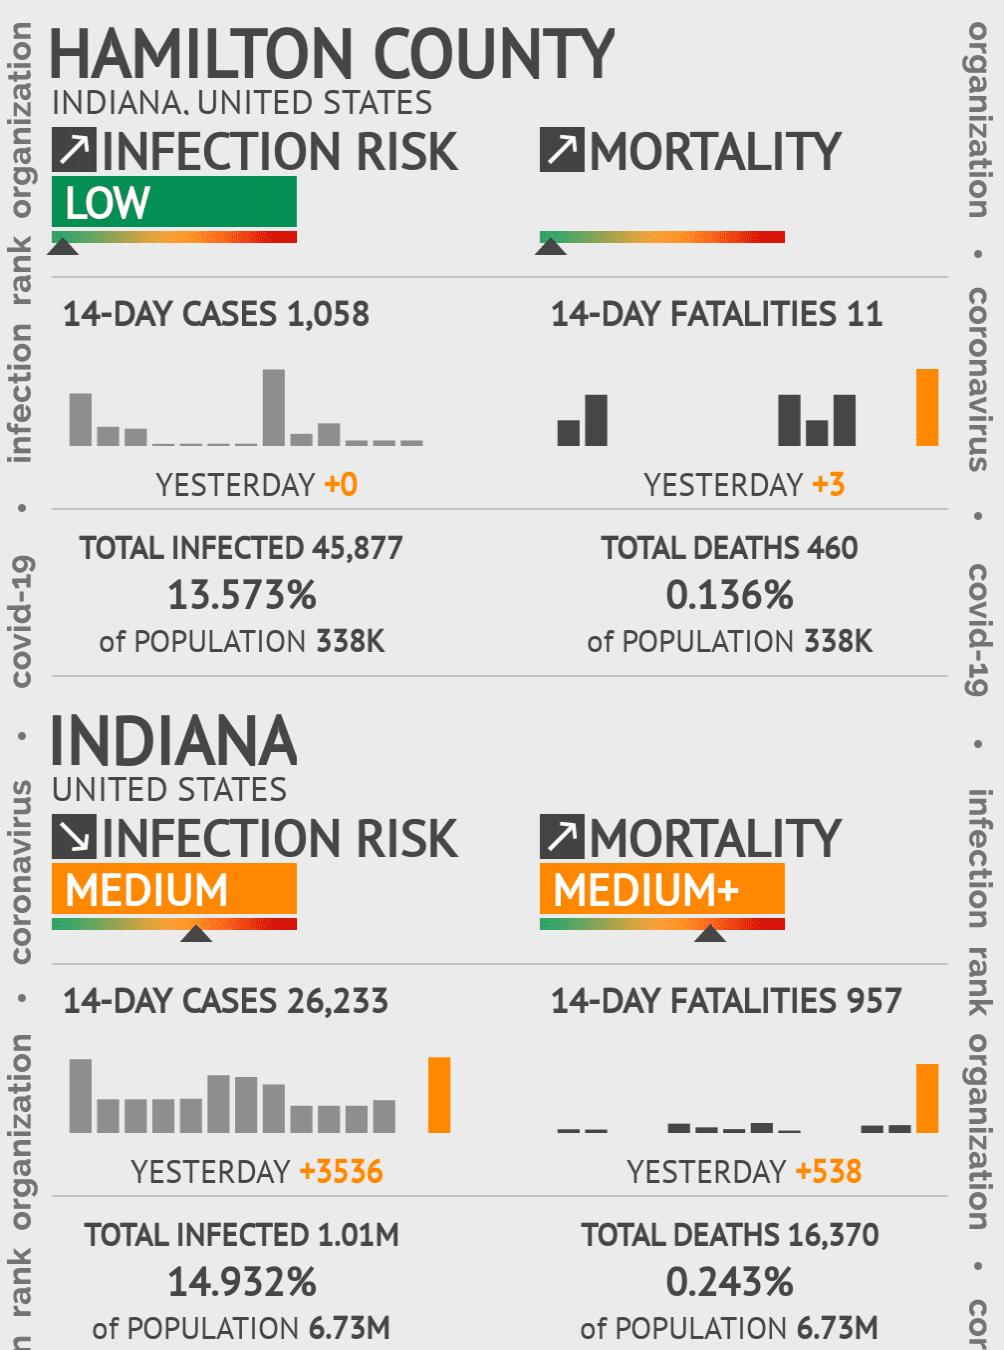 Hamilton County Coronavirus Covid-19 Risk of Infection on January 15, 2021